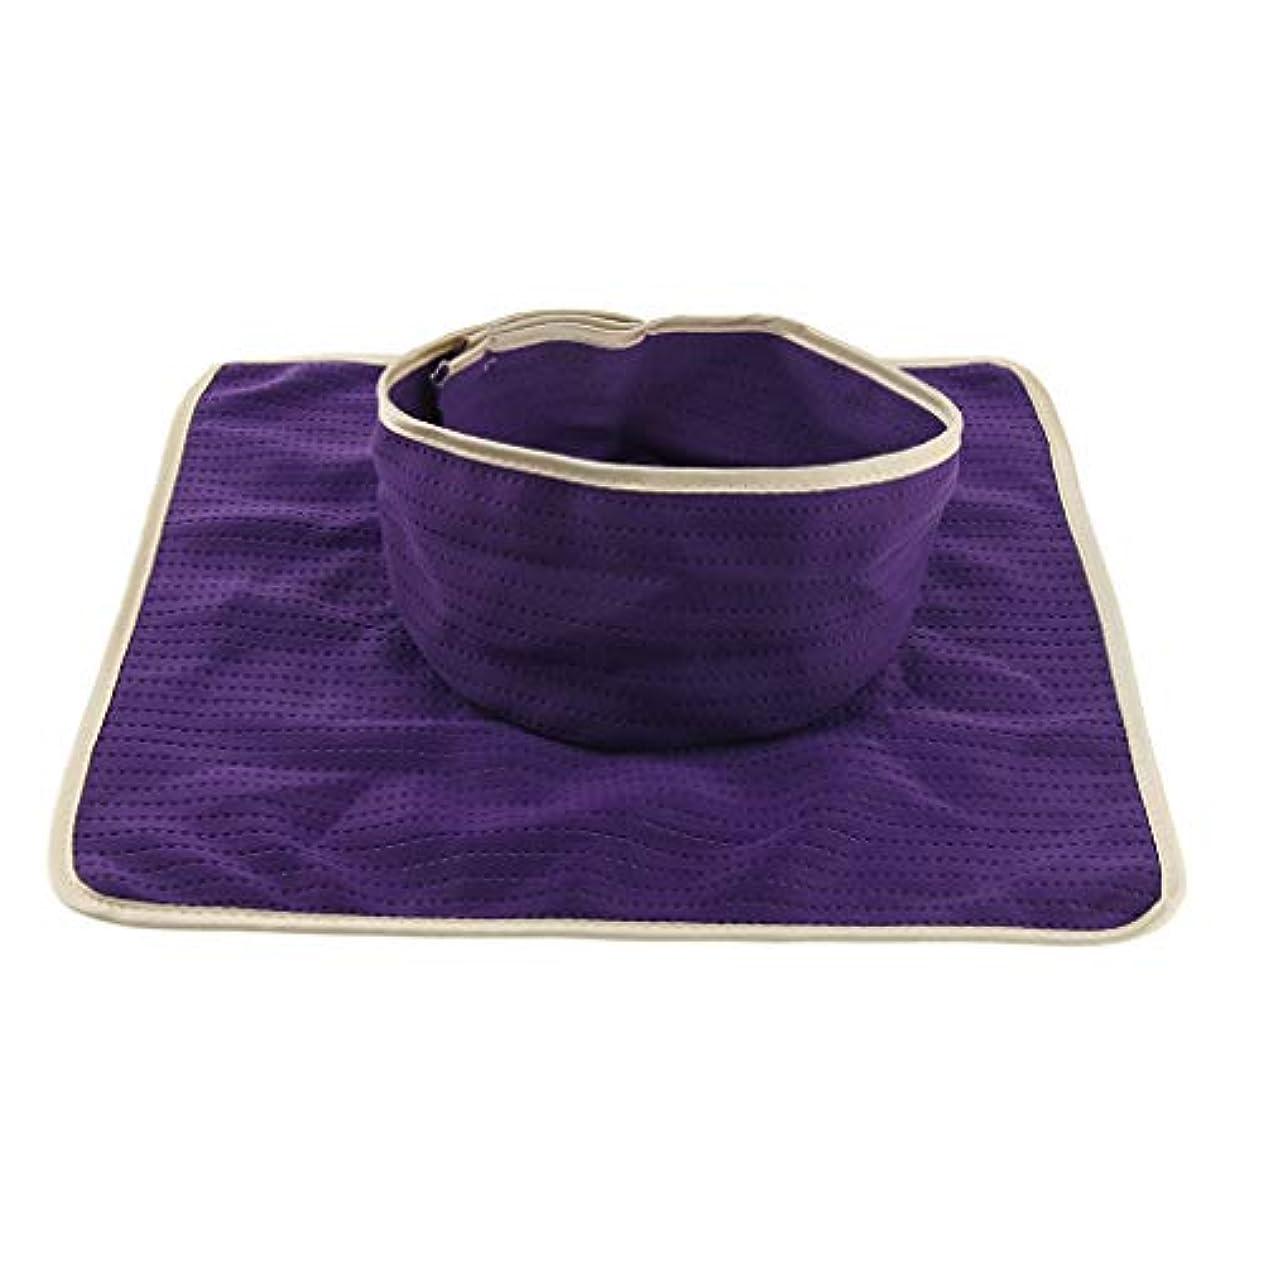 硬さ友だちテレックスBaoblaze マッサージのベッド用 パッド マットシート 顔の穴付き 洗える 約35×35cm 全3色 - 紫